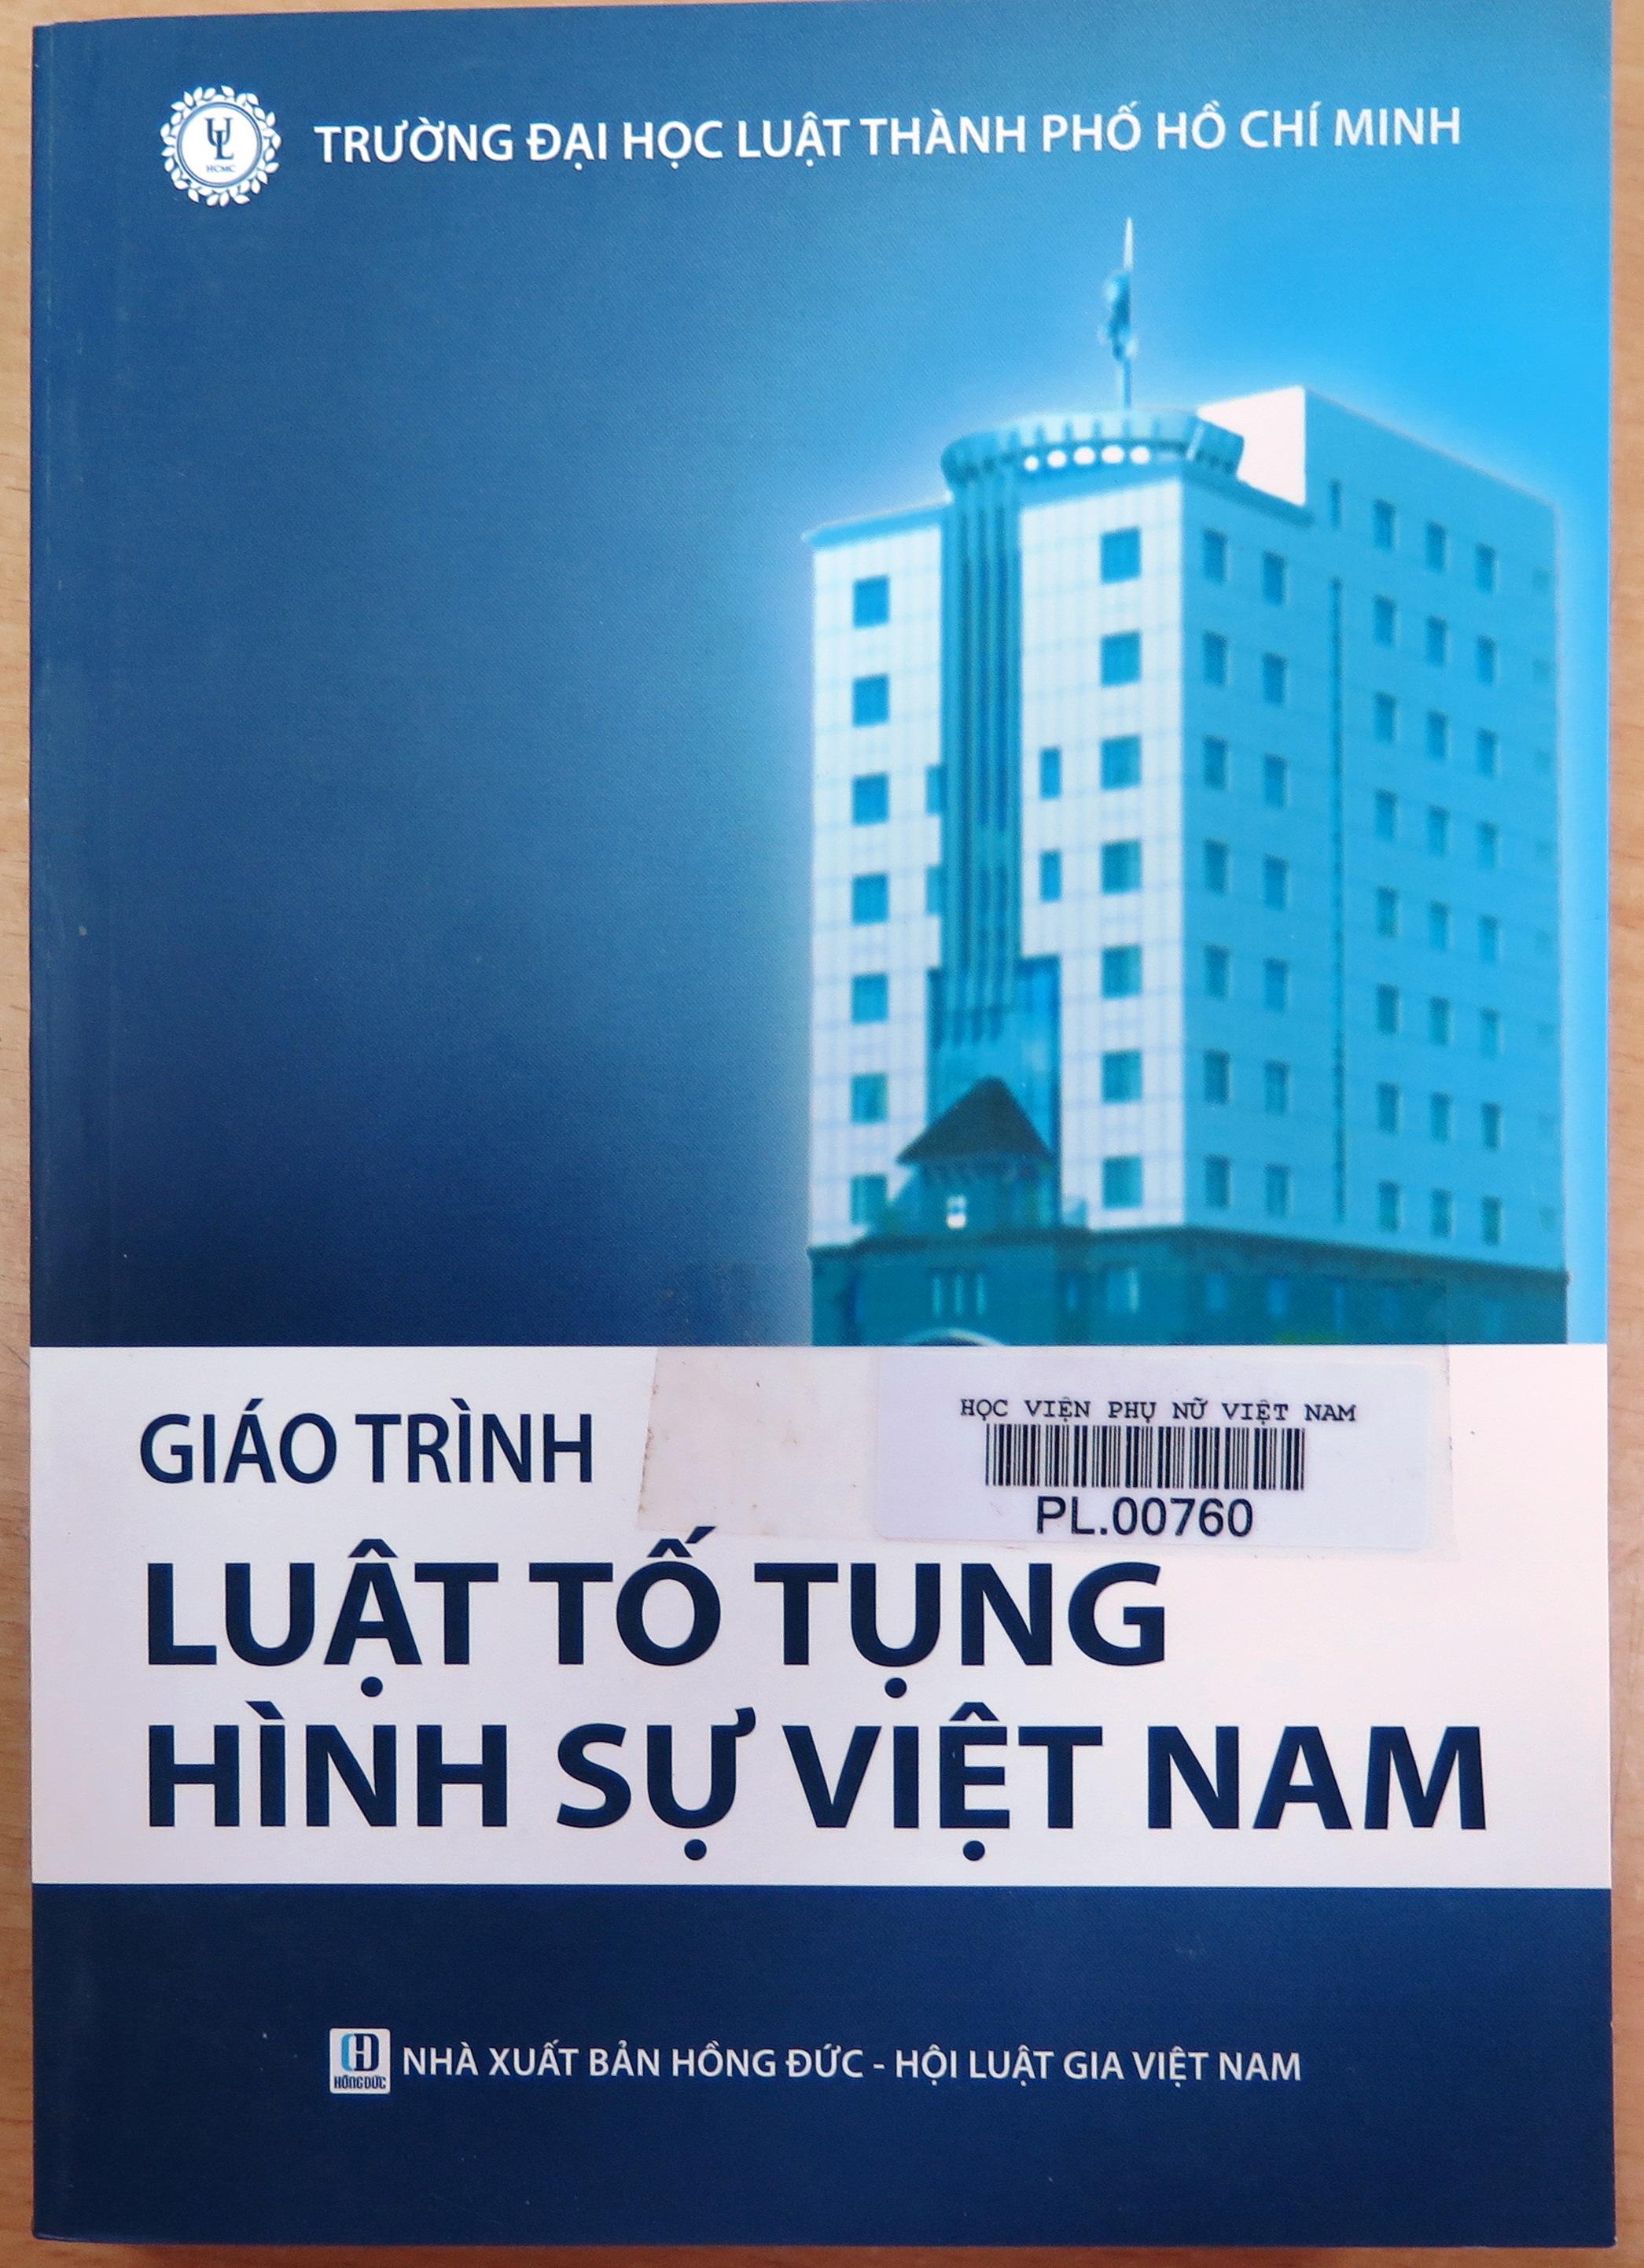 Giới thiệu sách: Giáo trình Luật tố tụng hình sự Việt Nam